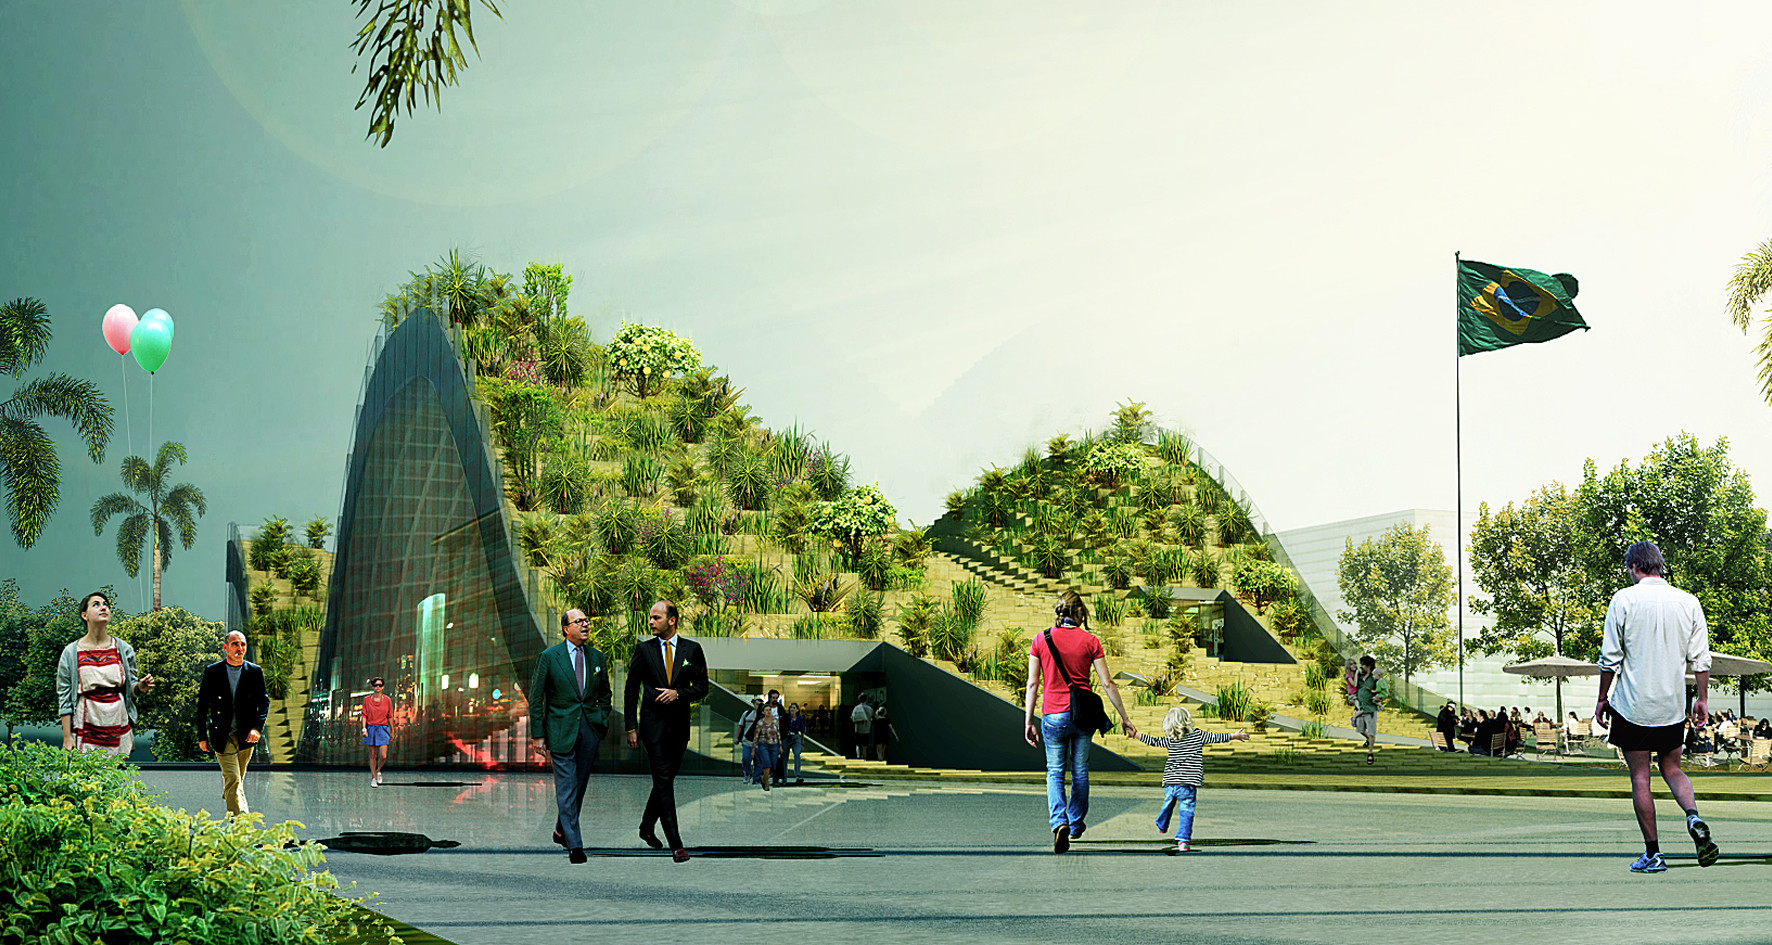 Proposta para o Pavilhão do Brasil na Expo Milão 2015 / Lompreta Nolte Arquitetos, Courtesy of Lompreta Nolte Arquitetos